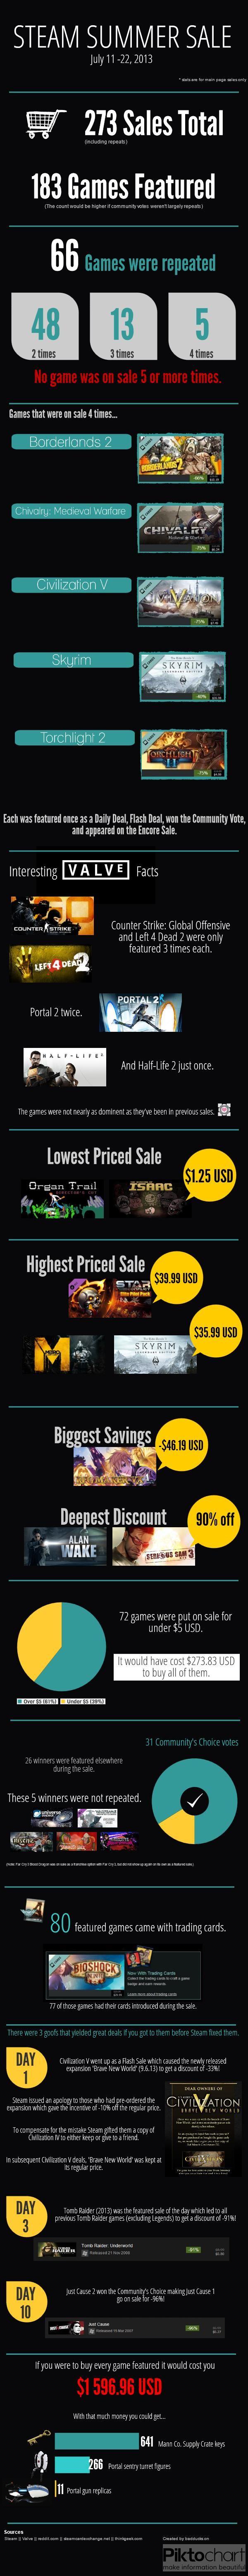 #Steam Summer Sale Infographic